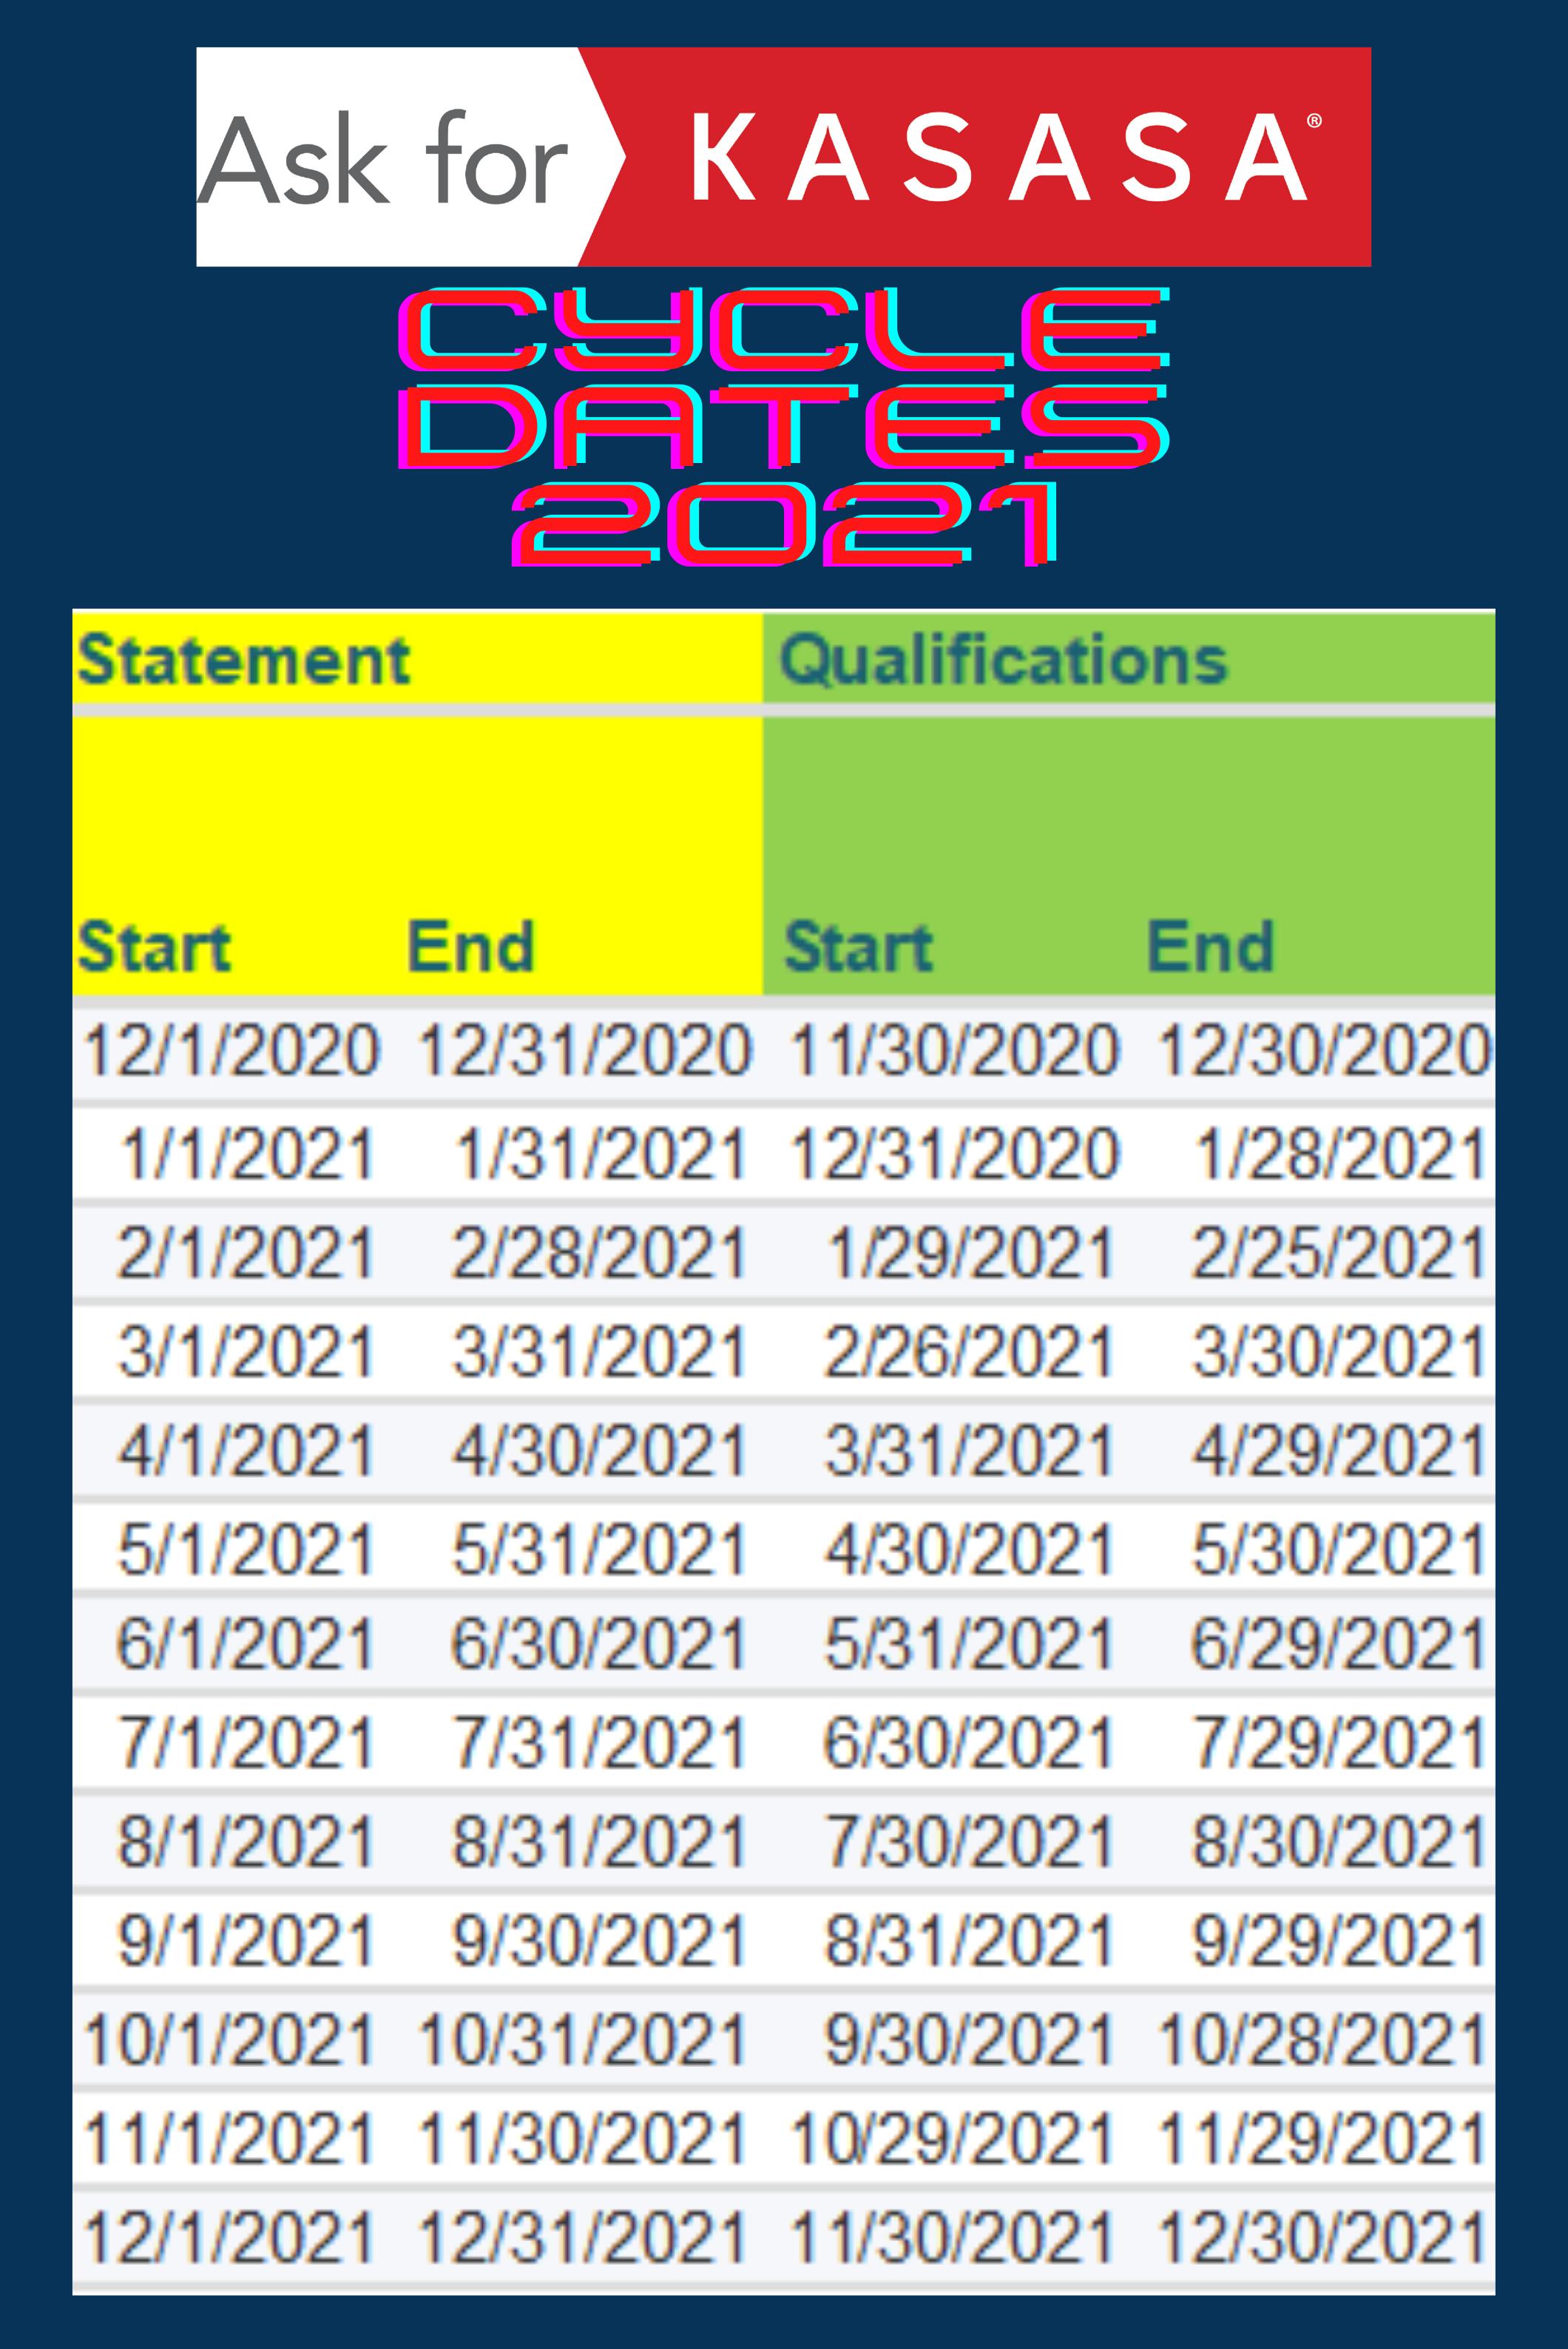 2021 Kasasa Cycle Dates